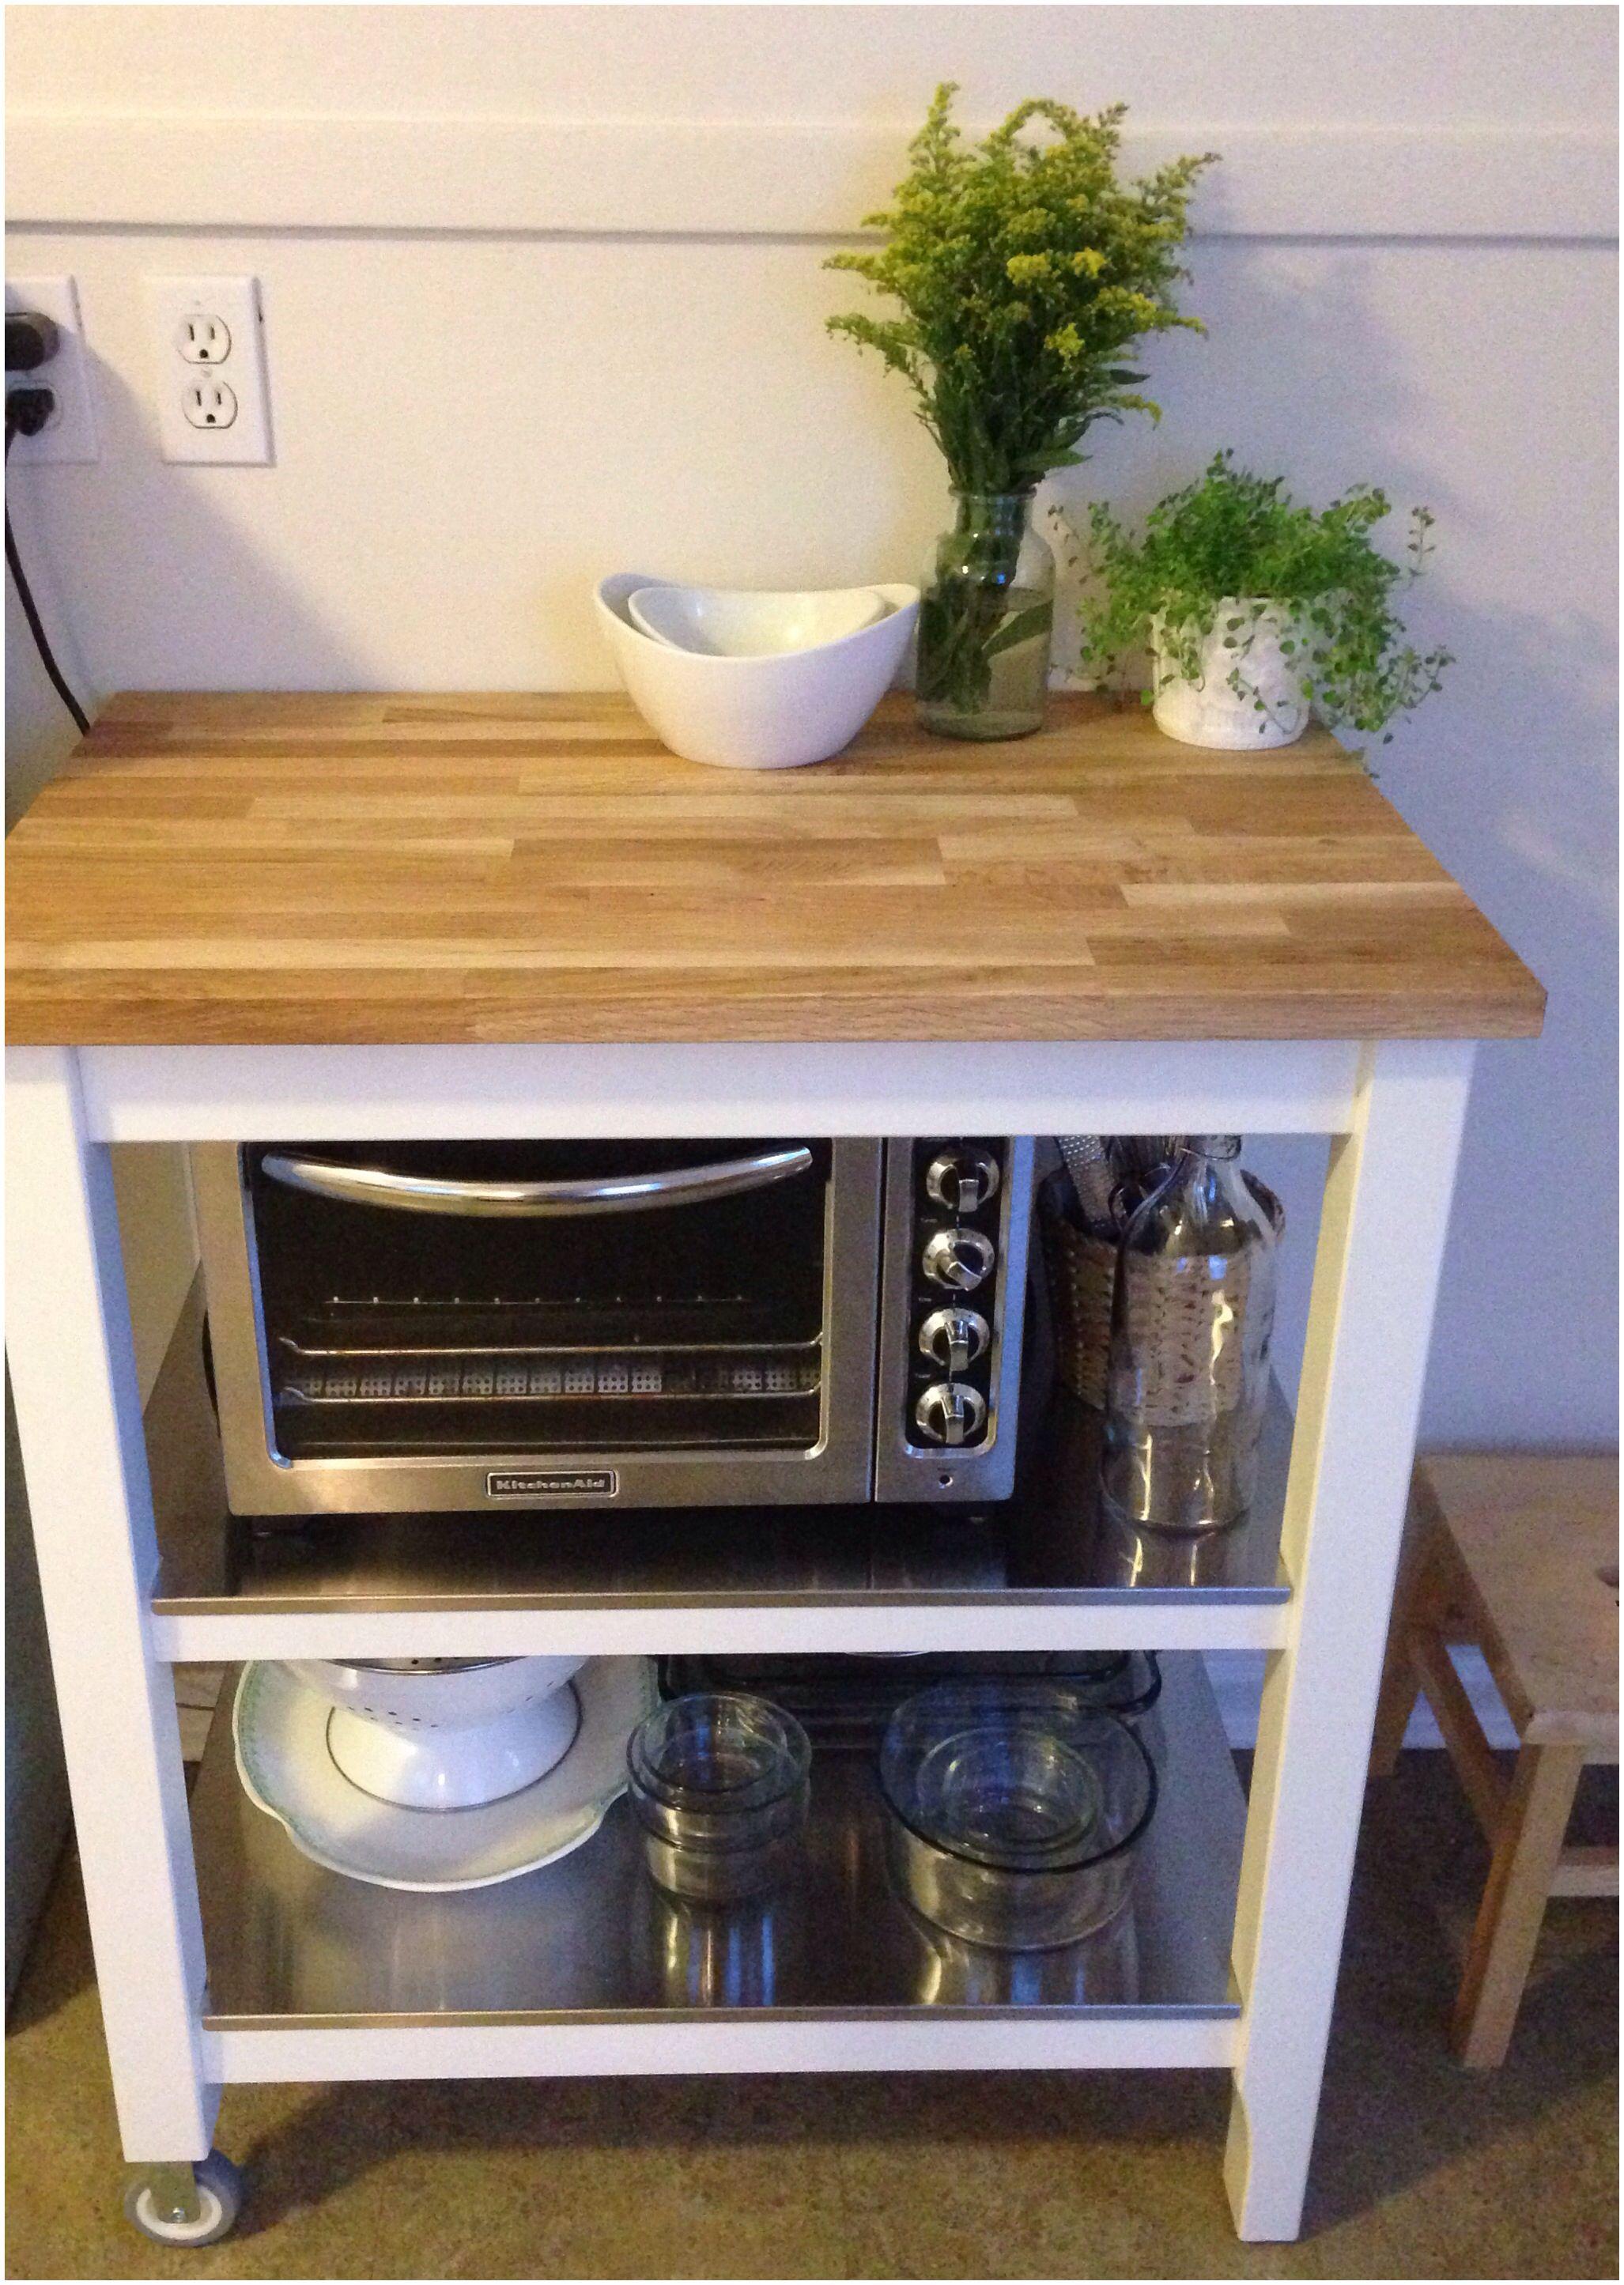 Ikea Stenstorp Kitchen Cart Dreamed